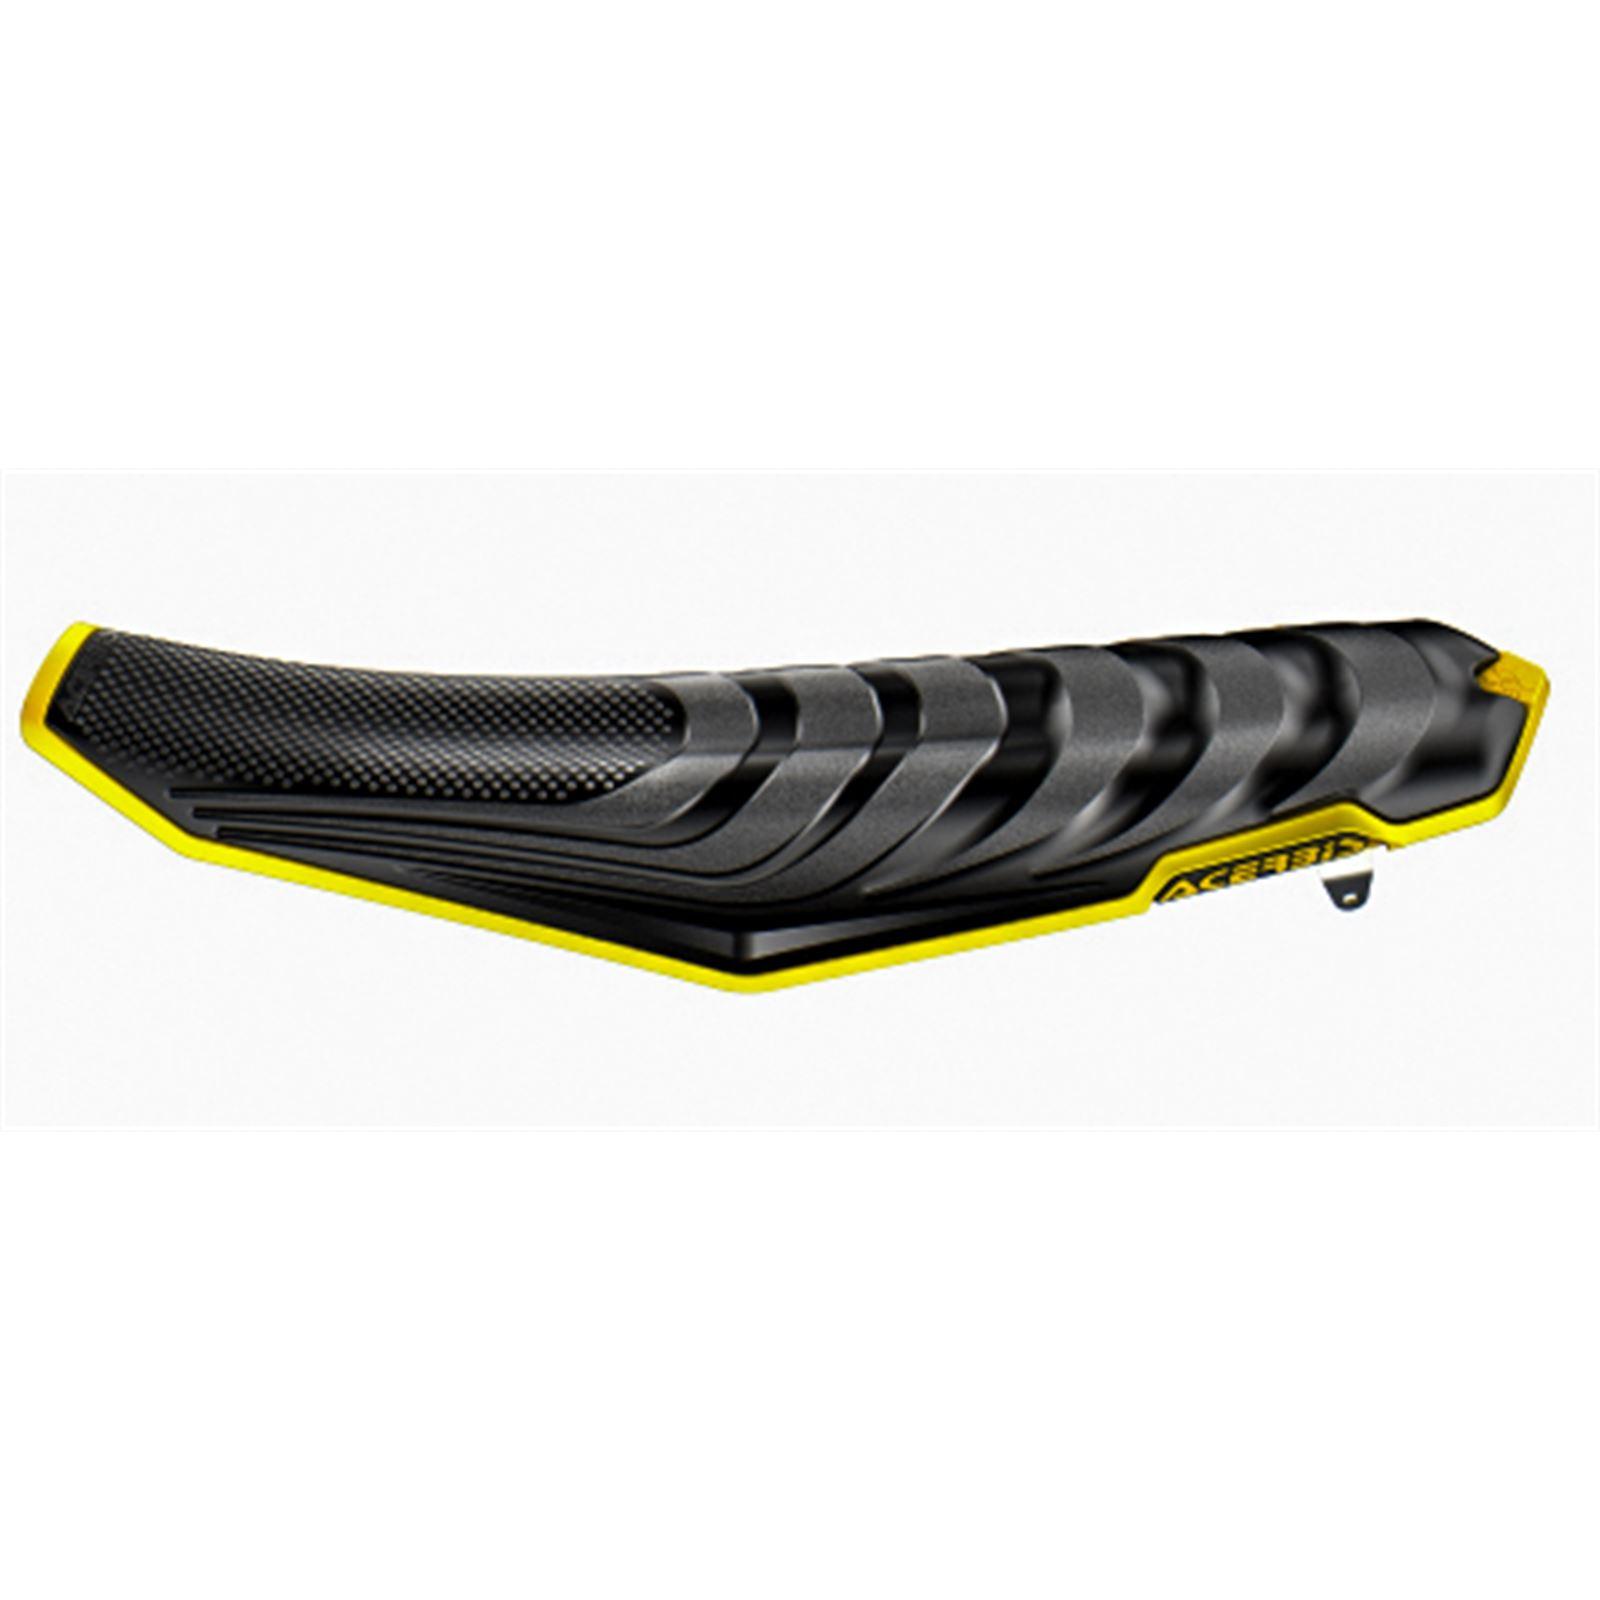 Acerbis X-Seat Single Piece